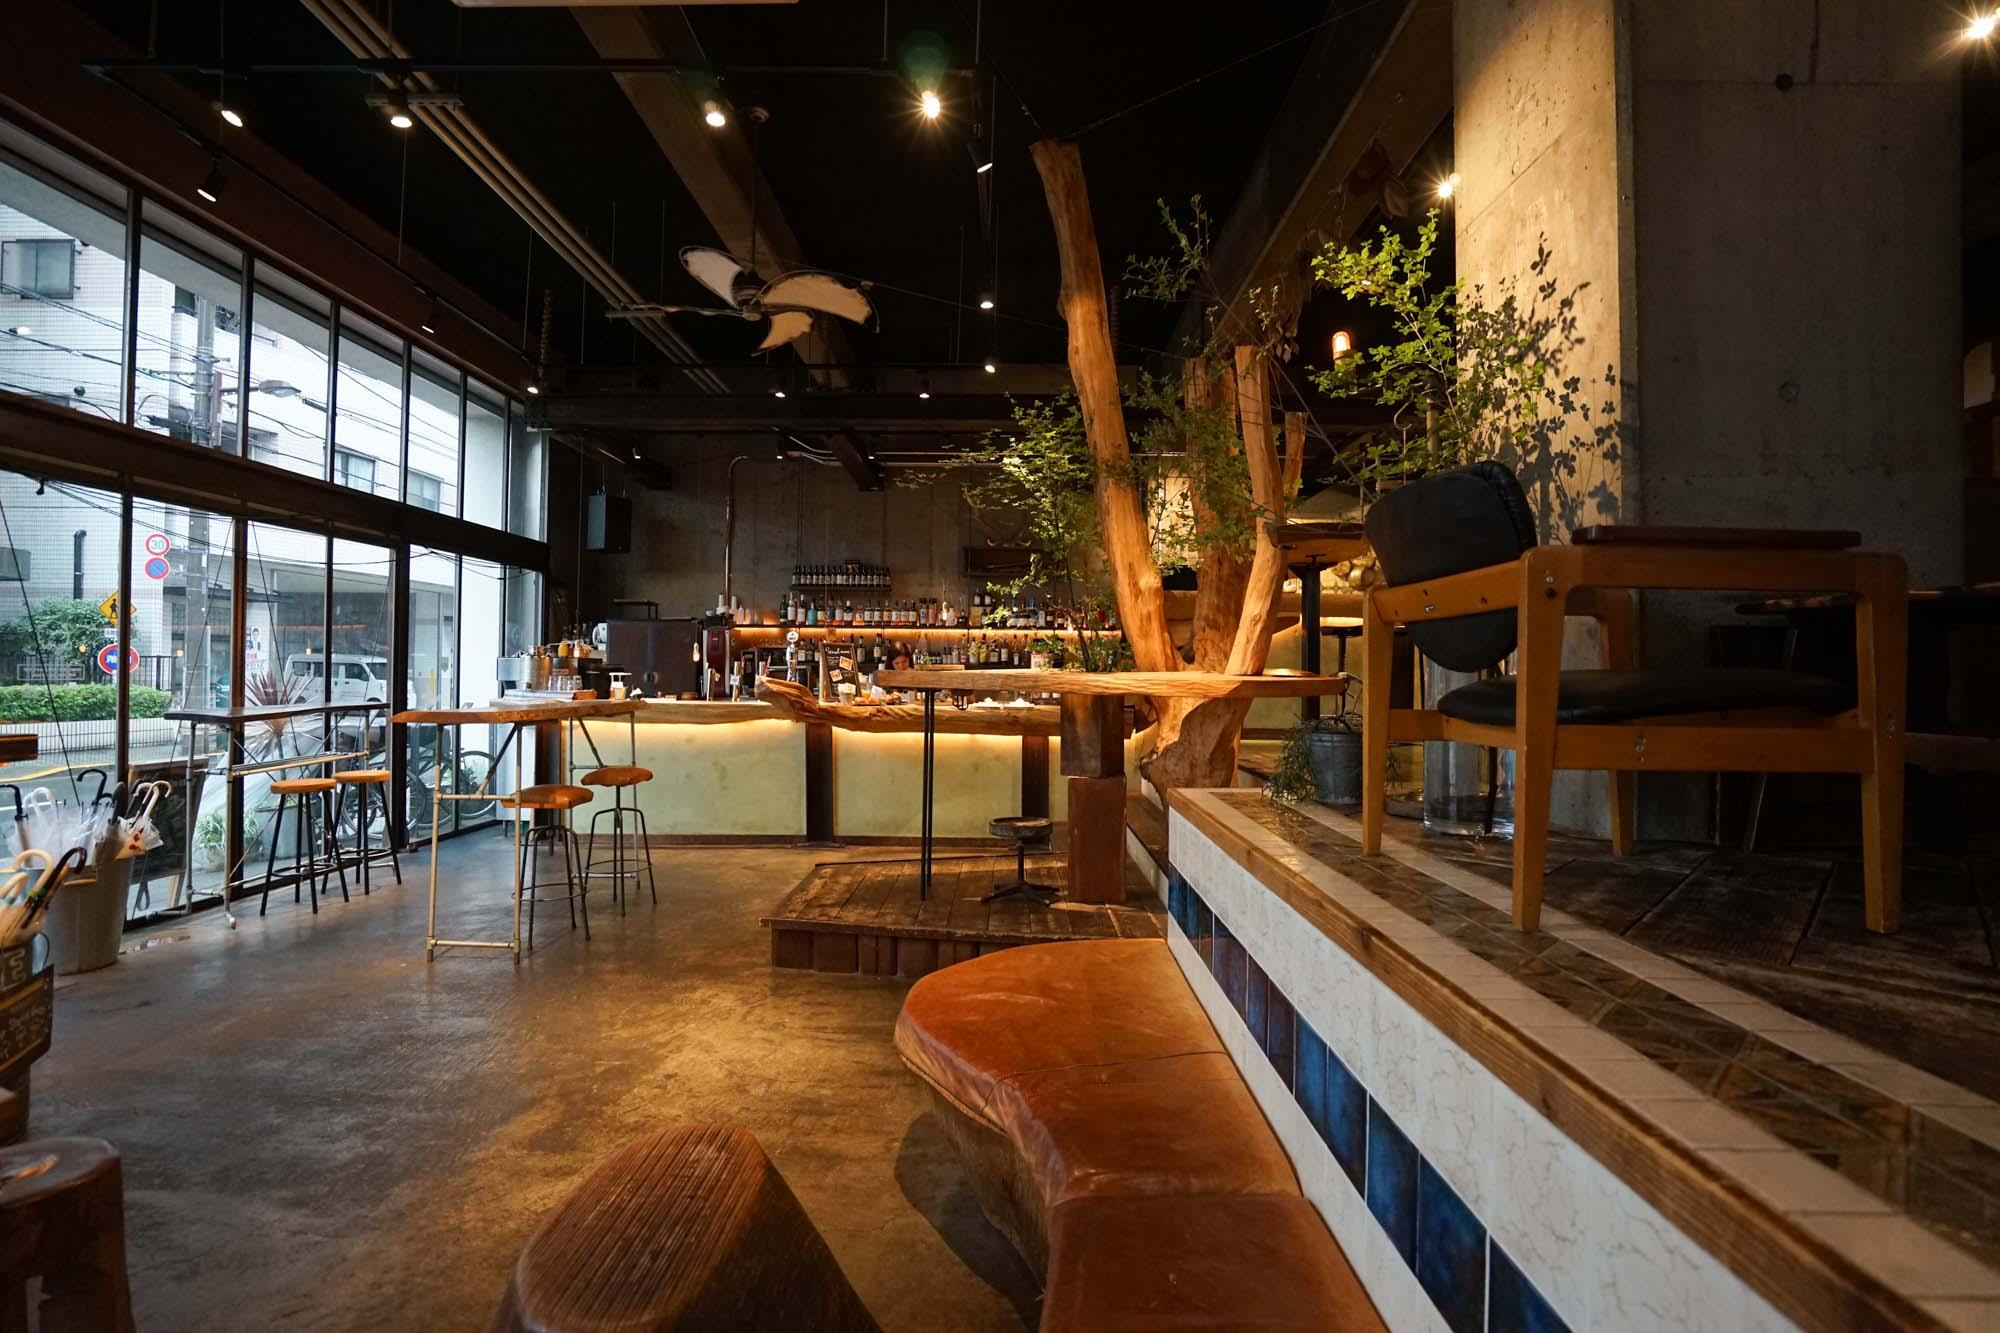 1階におしゃれなカフェ&バーラウンジがあり、蔵前に様々なお店が集まる火付け役ともなった、「Nui. HOSTEL & BAR LOUNGE」